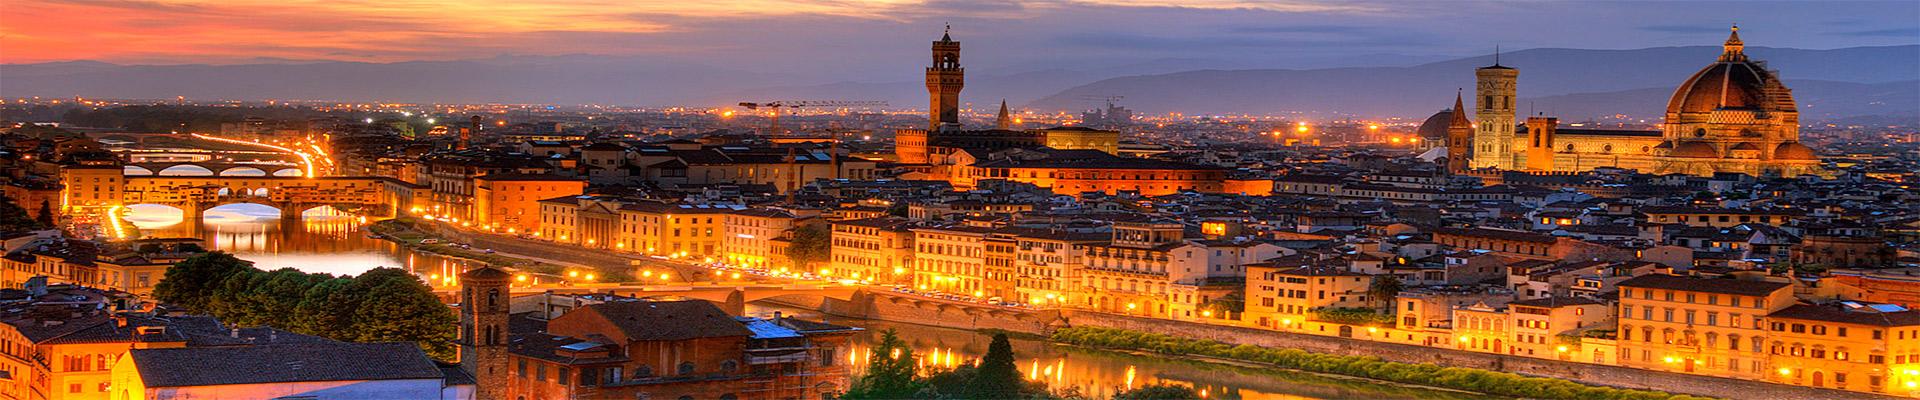 Pacote de Viagem – Fantasia da Itália